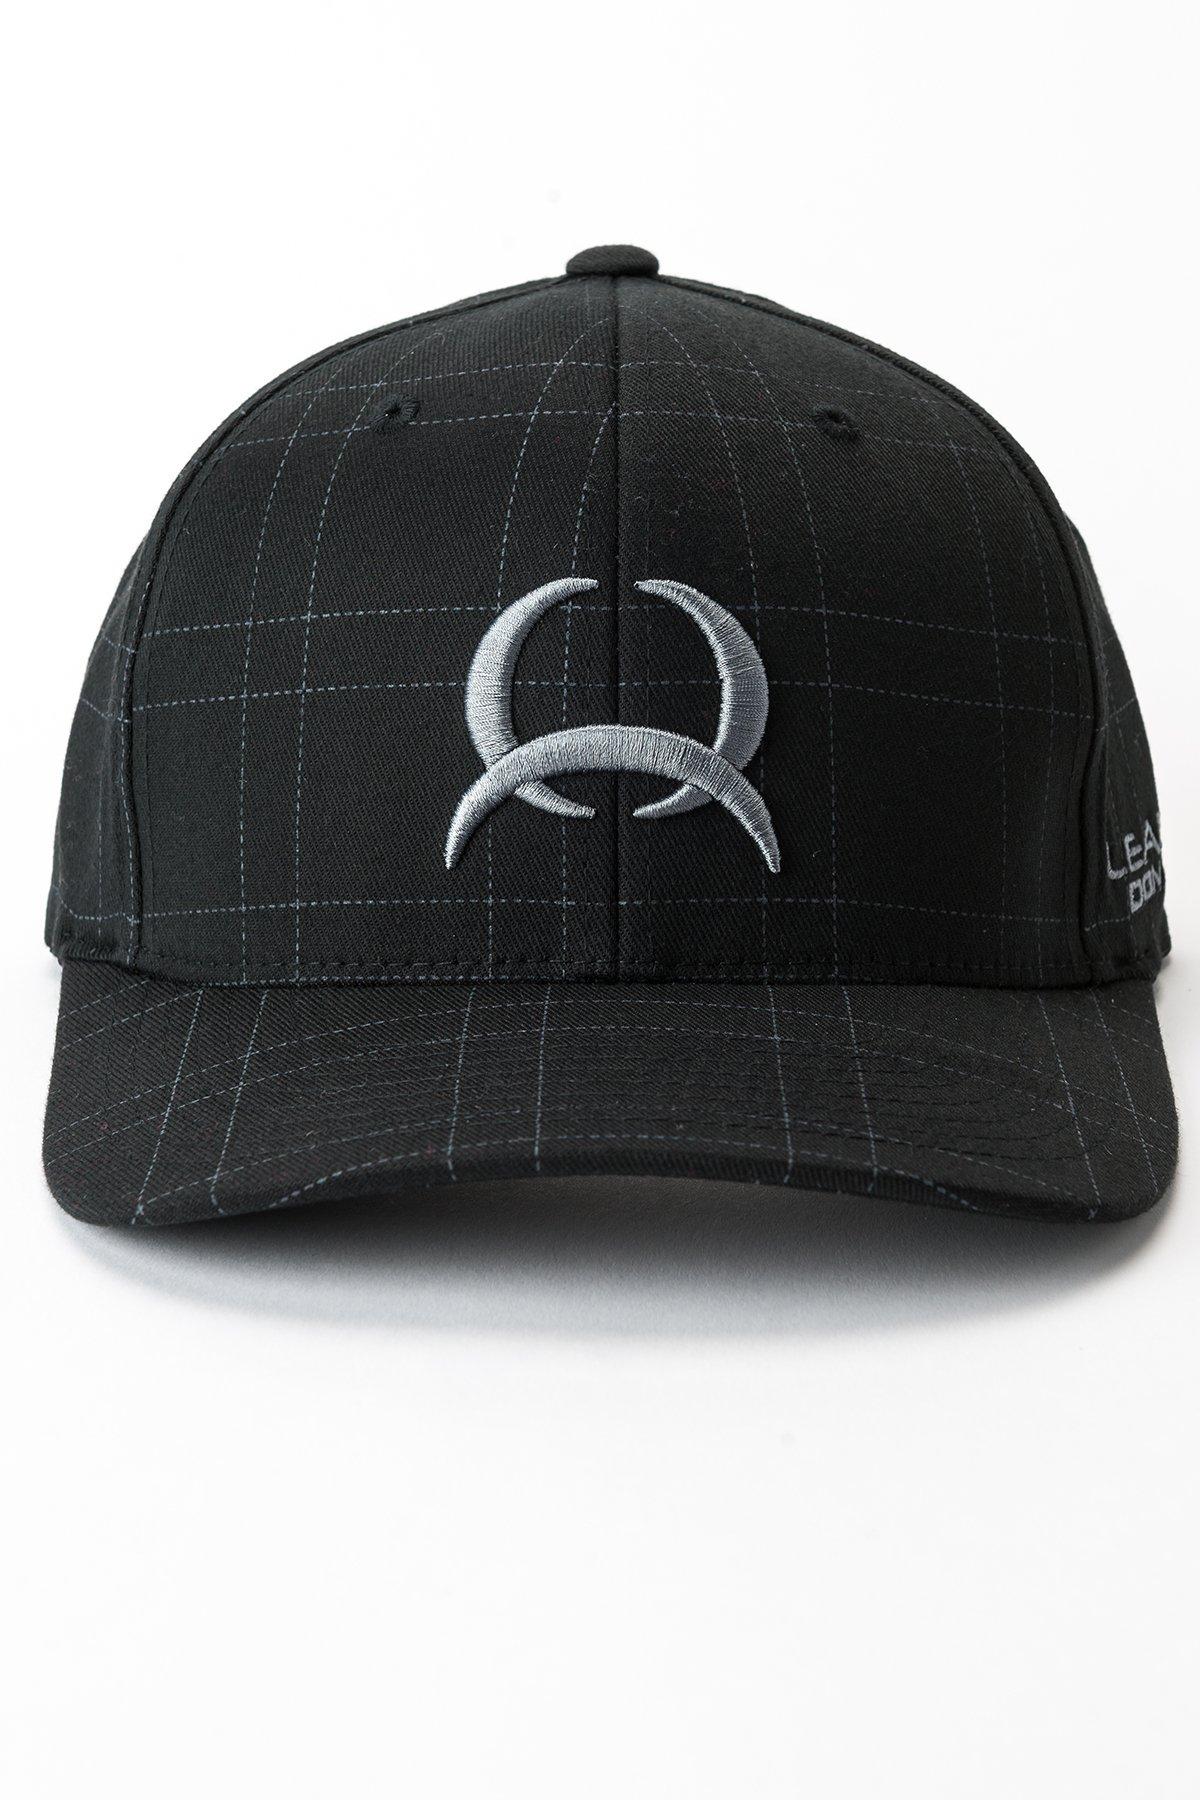 casquette-flexfit-western-cinch-noir-devant-MCC0627726